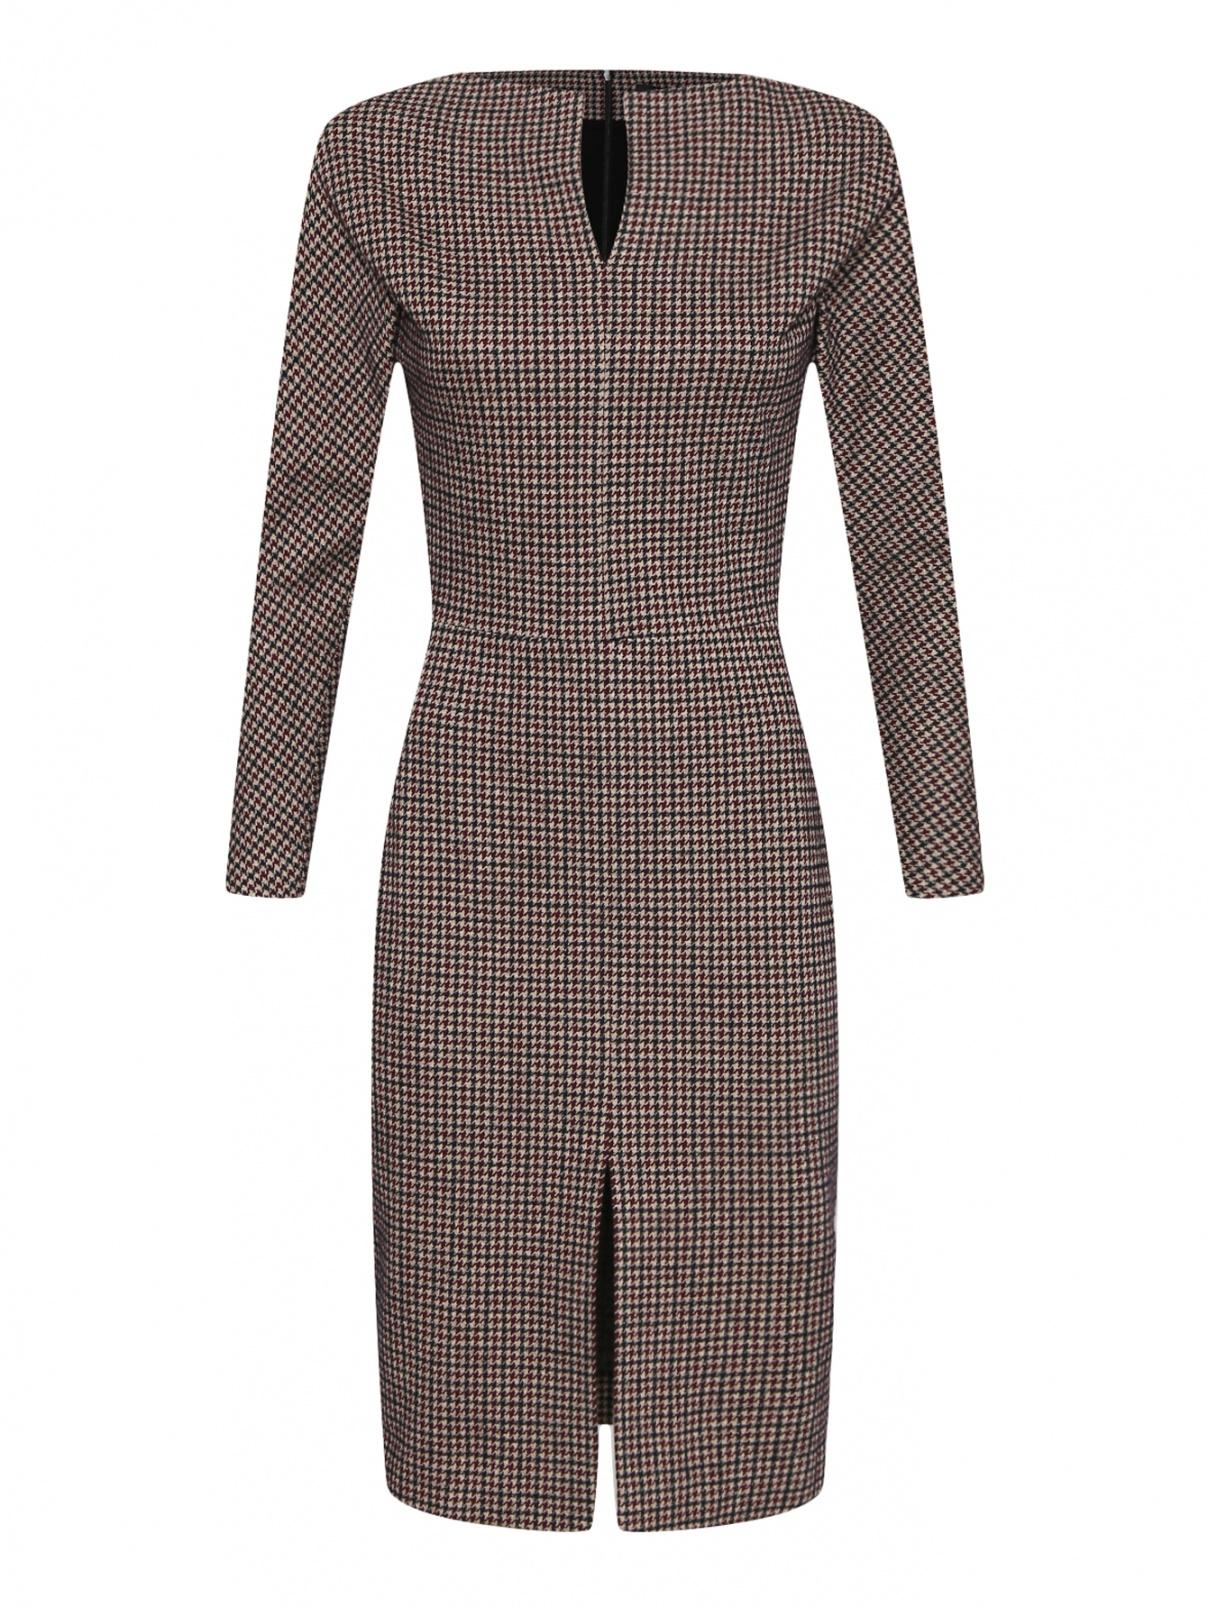 Платье из хлопка и шерсти с узором Etro  –  Общий вид